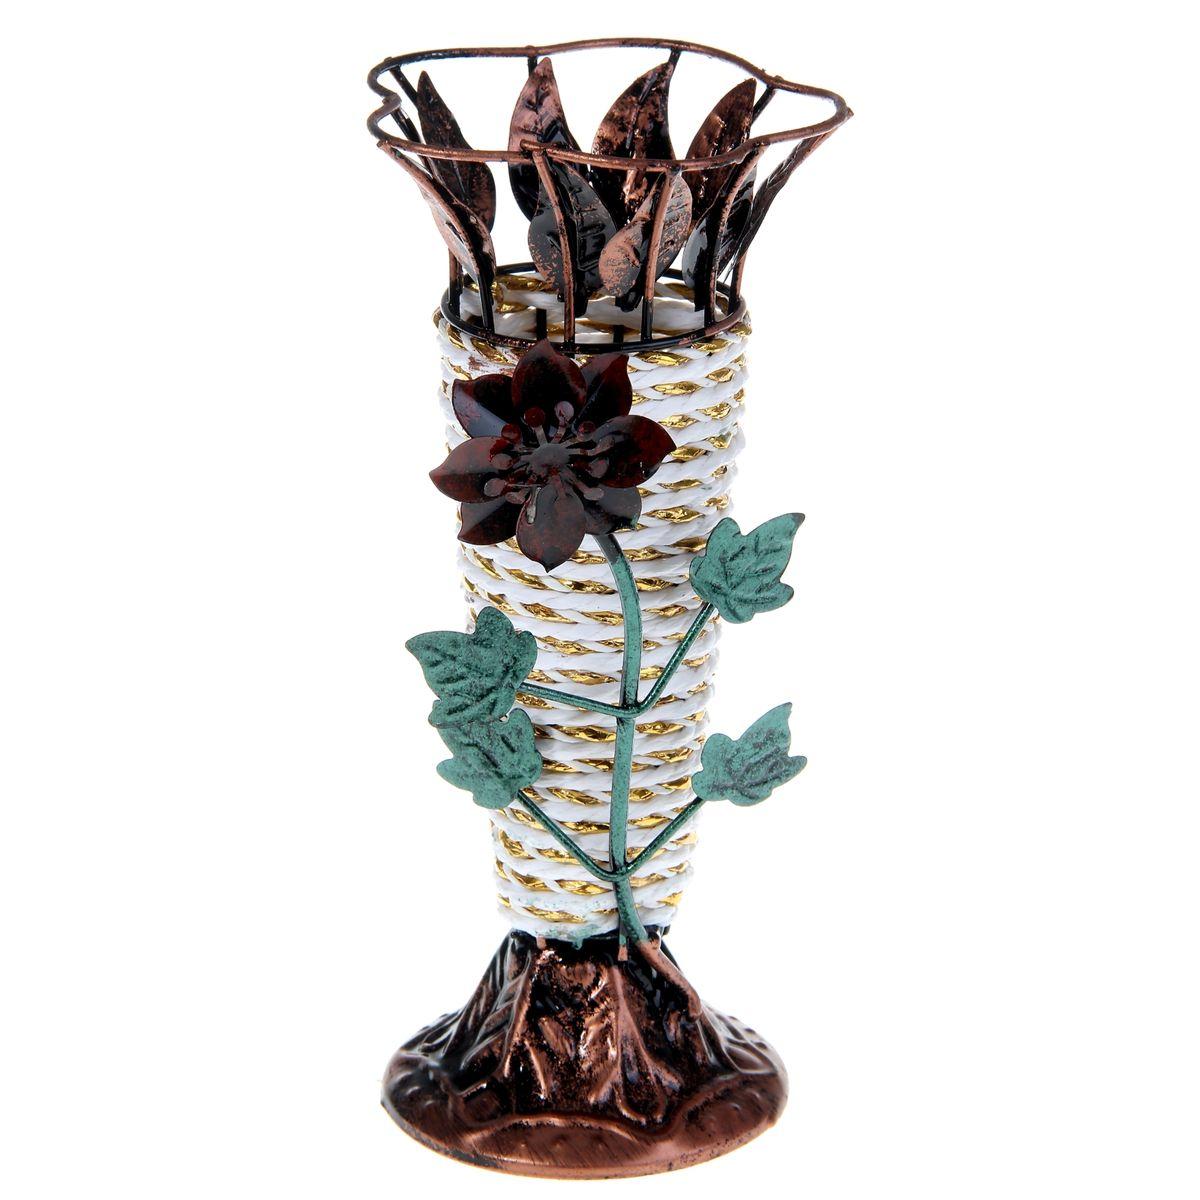 Ваза плетеная Sima-land Цветок, цвет: коричневый, белый, золотистый, высота 22,5 см915891Ваза Sima-land Цветок выполнена из металла, дополнена оригинальным плетением и украшена изящной металлической веточкой с листьями и цветком. Изделие имеет необычную форму. Красивый блеск и оригинальное оформление сделают эту вазу замечательным украшением интерьера. Ваза предназначена для сухих или искусственных цветов и растений. Любое помещение выглядит незавершенным без правильно расположенных предметов интерьера. Они помогают создать уют, расставить акценты, подчеркнуть достоинства или скрыть недостатки. Диаметр по верхнему краю: 10,5 см.